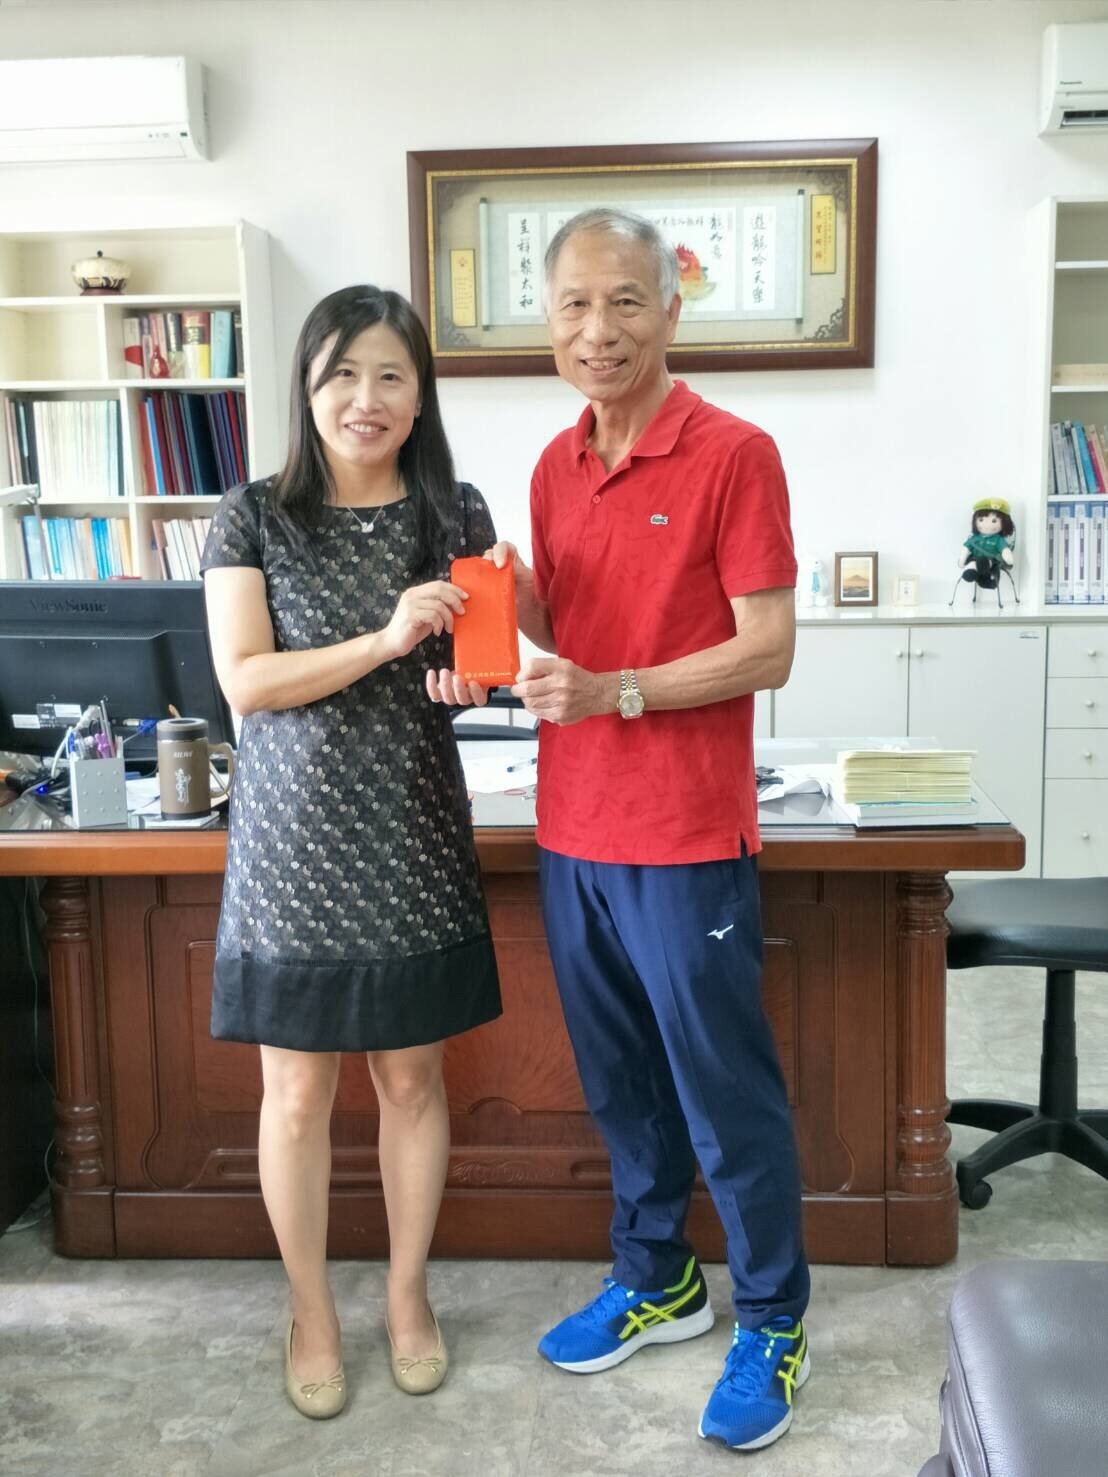 校友陳炳輝(右)得知母校的需求後,主動捐了新台幣6萬元給校方,讓貼圖可以順利上架...